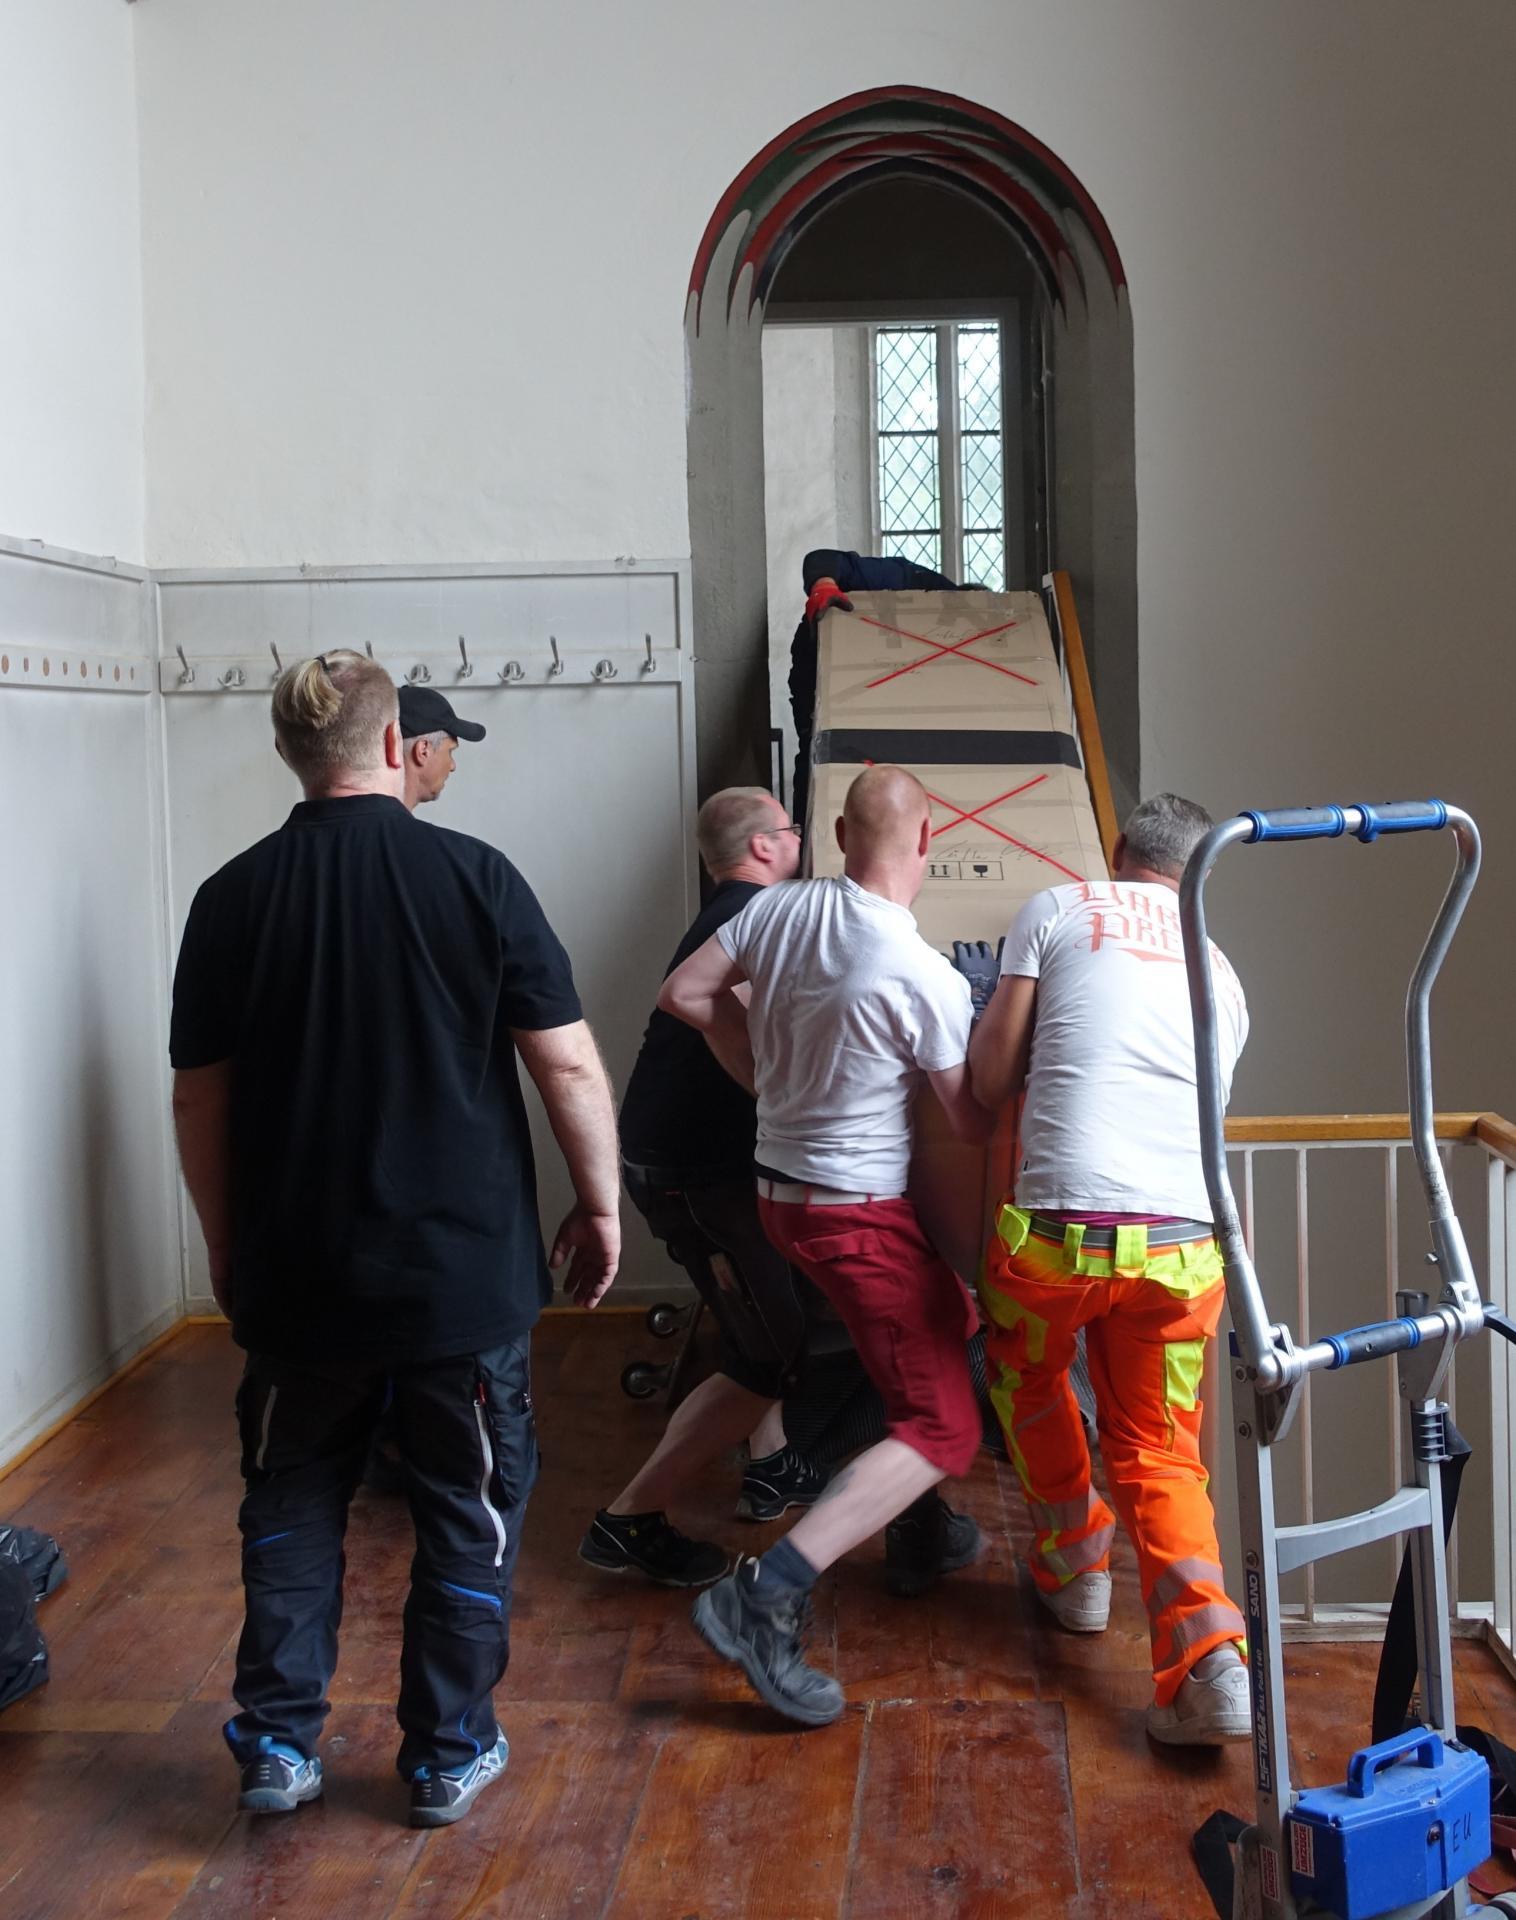 Die letzte Strecke der Schaltanlage in das neue Domizil in der Vorbälgekammer